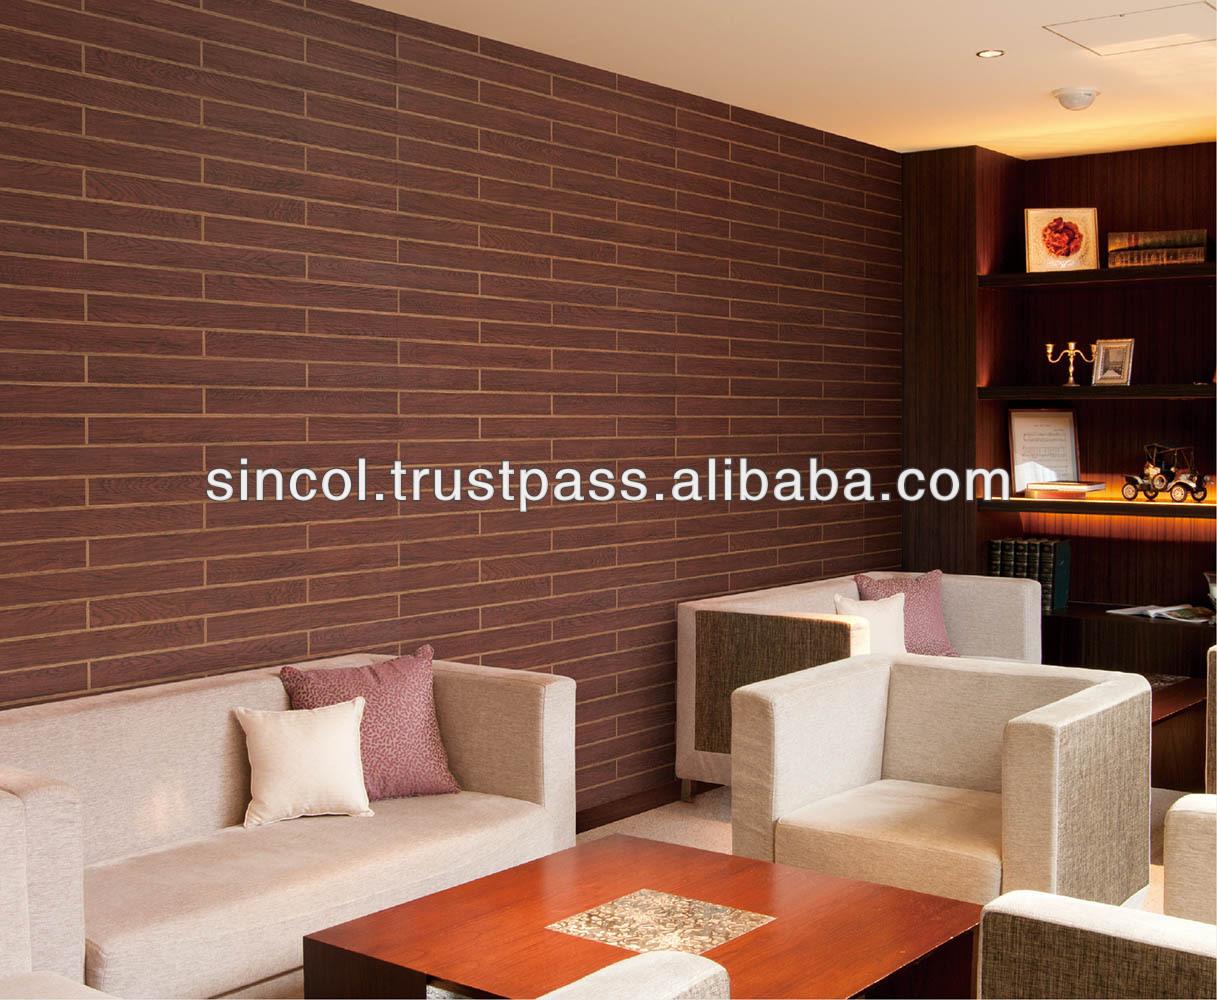 Winkel interieur muur ontwerp gemaakt in japan door sincol behang ...